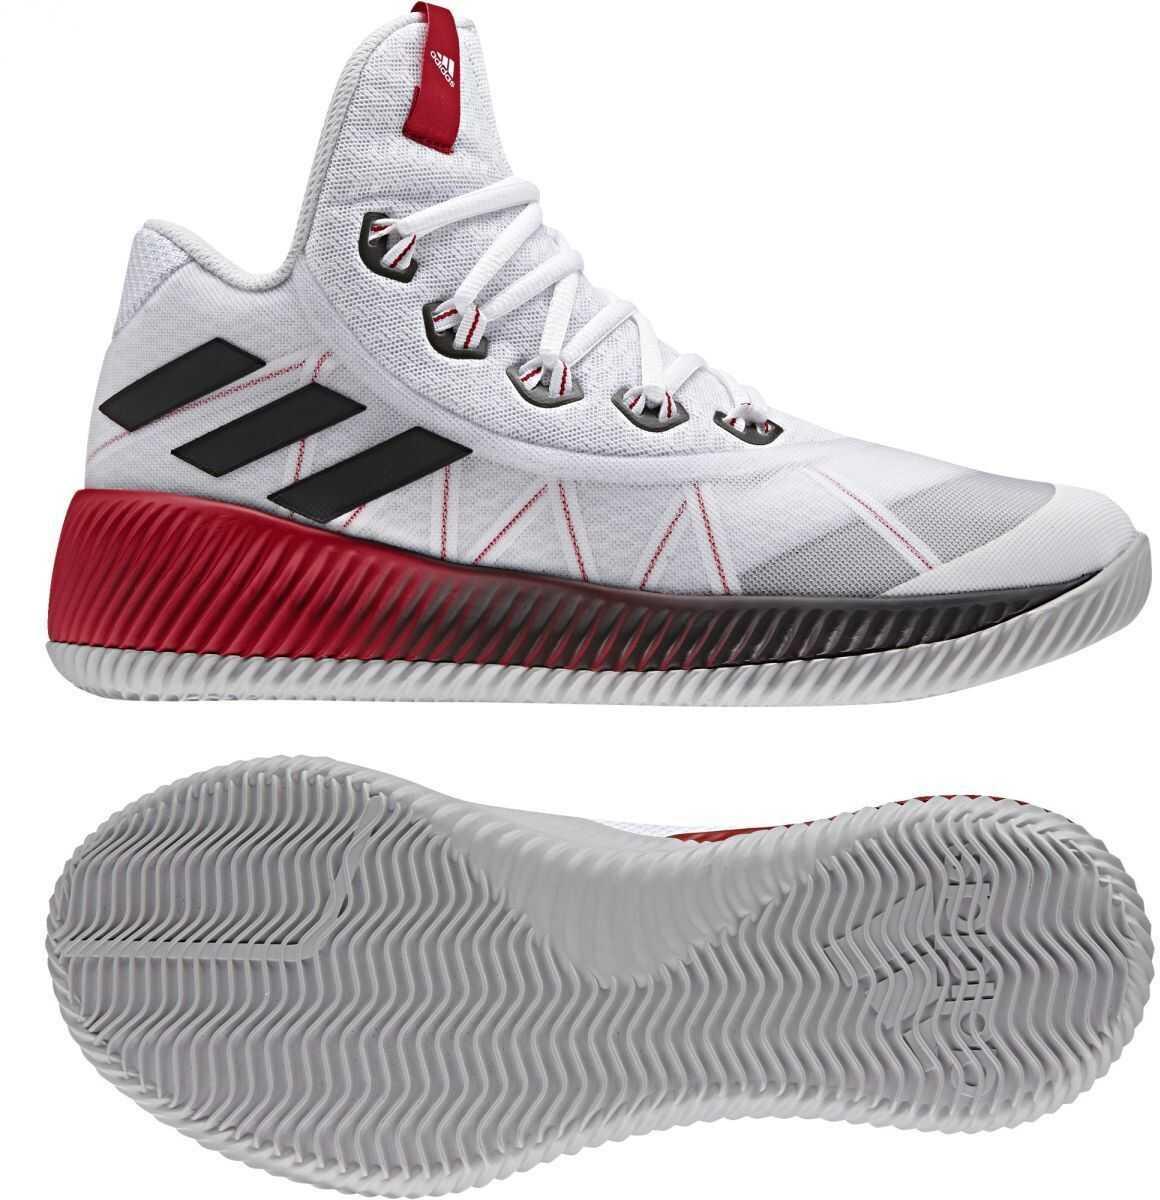 adidas Energy Bounce BB FTWWHT/REFLEC/SCARLE